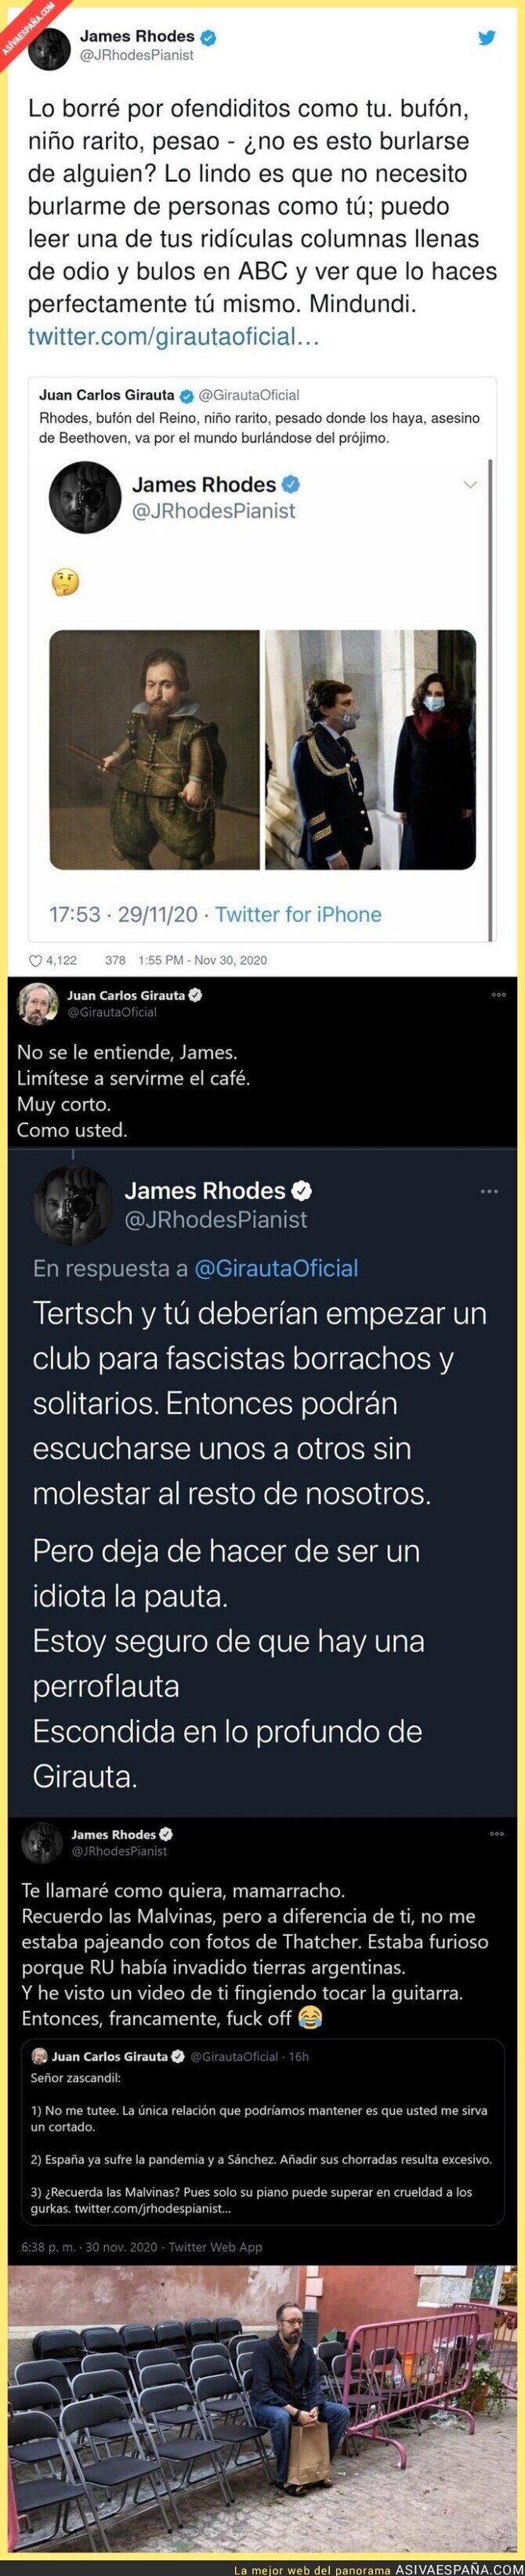 487804 - James Rhodes le pega un repasito a Juan Carlos Girauta que todos están aplaudiendo menos los fachitas